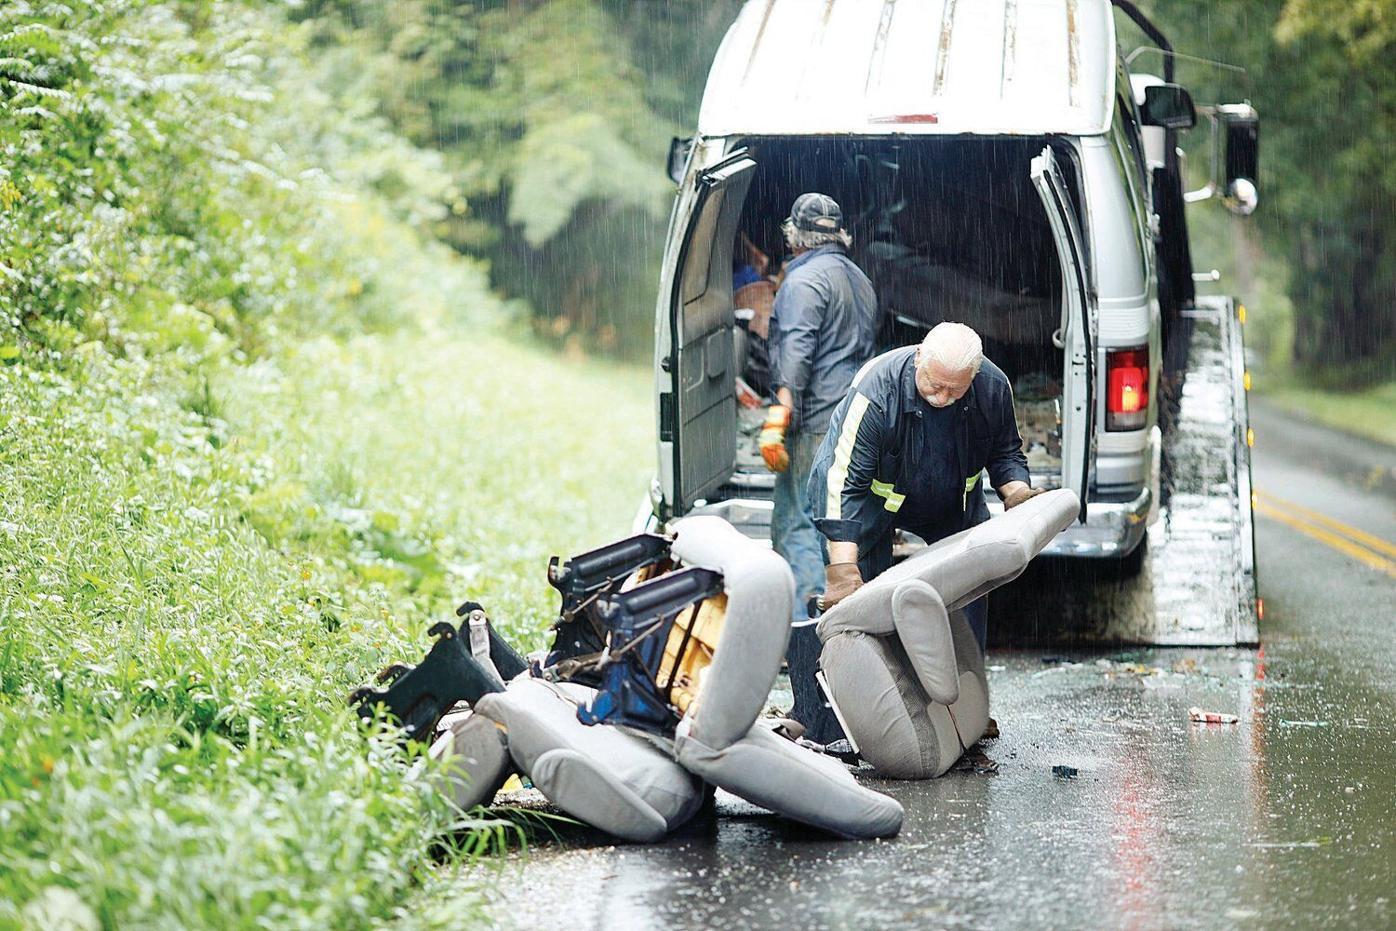 5 injured in Lanesborough crash